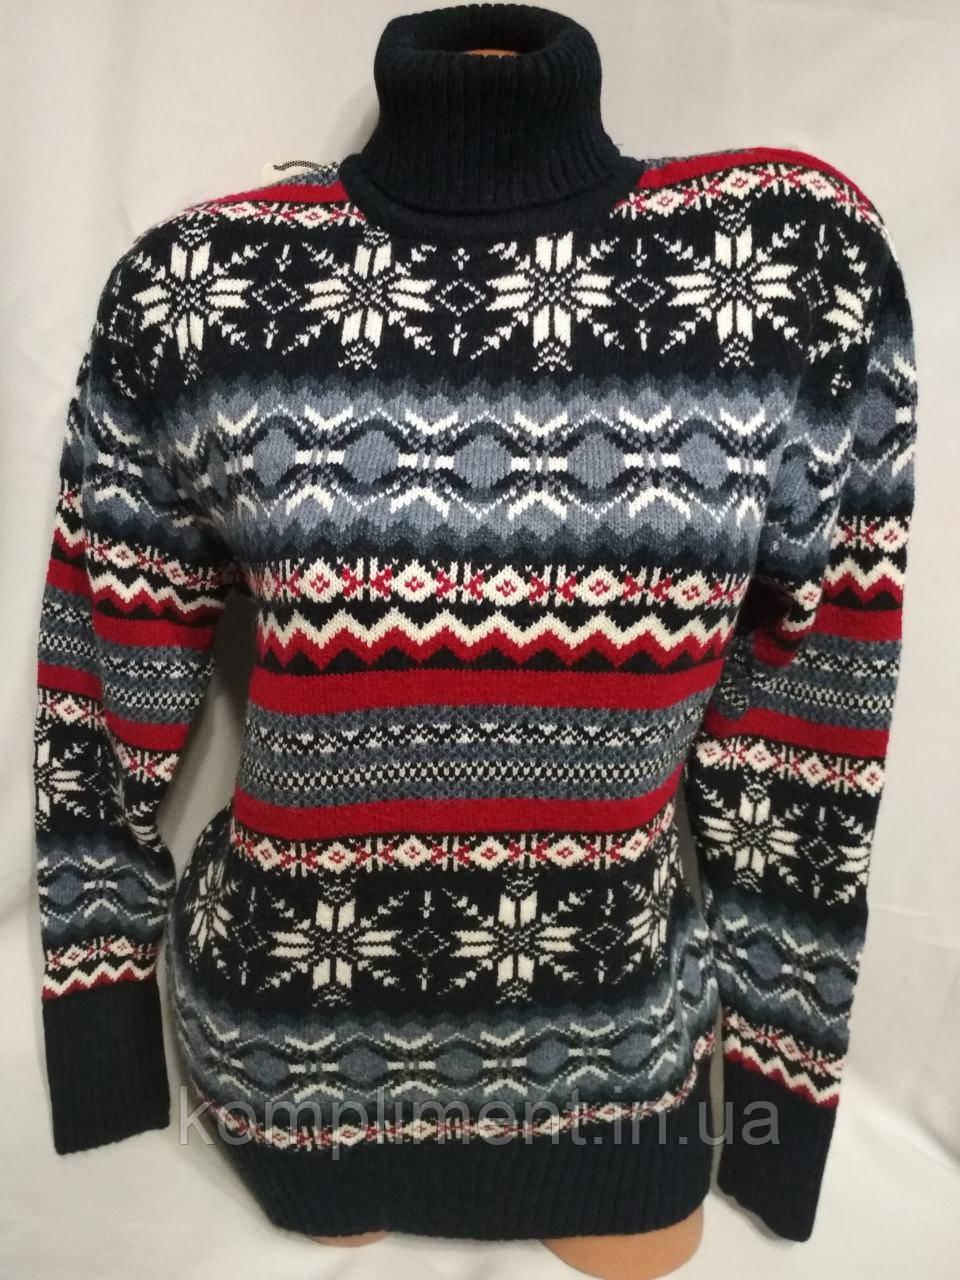 Жіночий в'язаний шерстяний светр під горло зі сніжинками, синій.Туреччина.